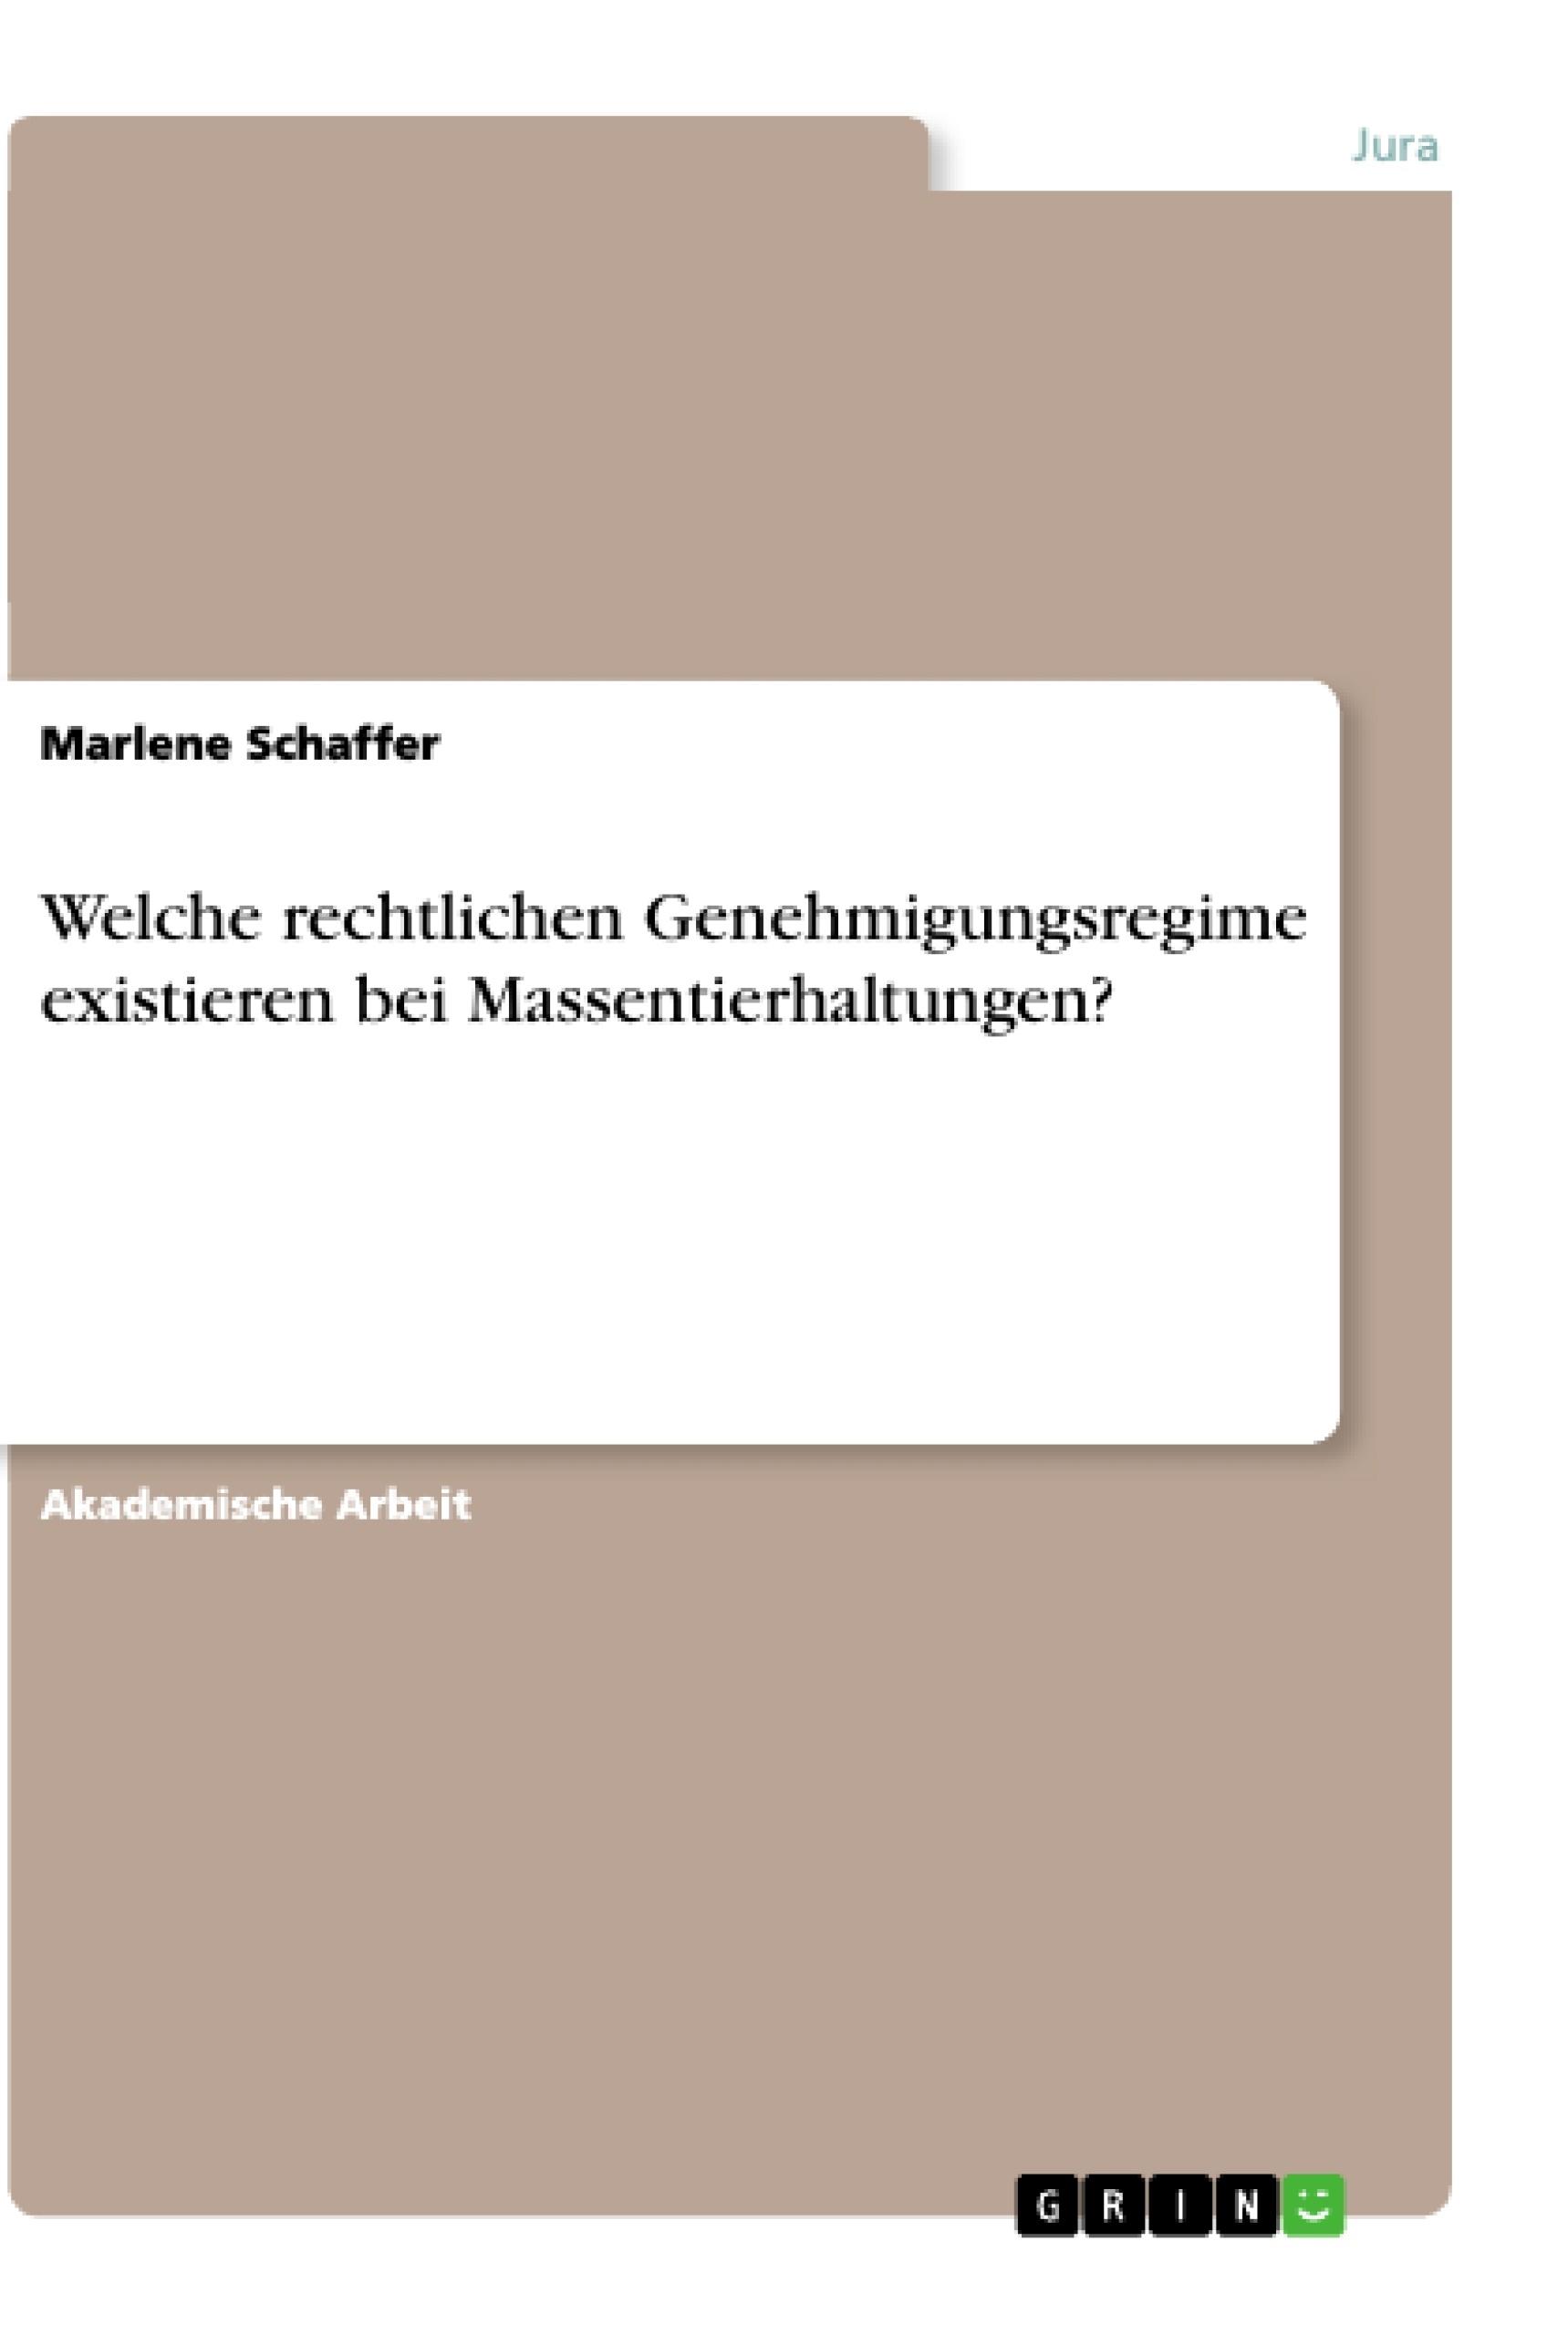 Titel: Welche rechtlichen Genehmigungsregime existieren bei Massentierhaltungen?